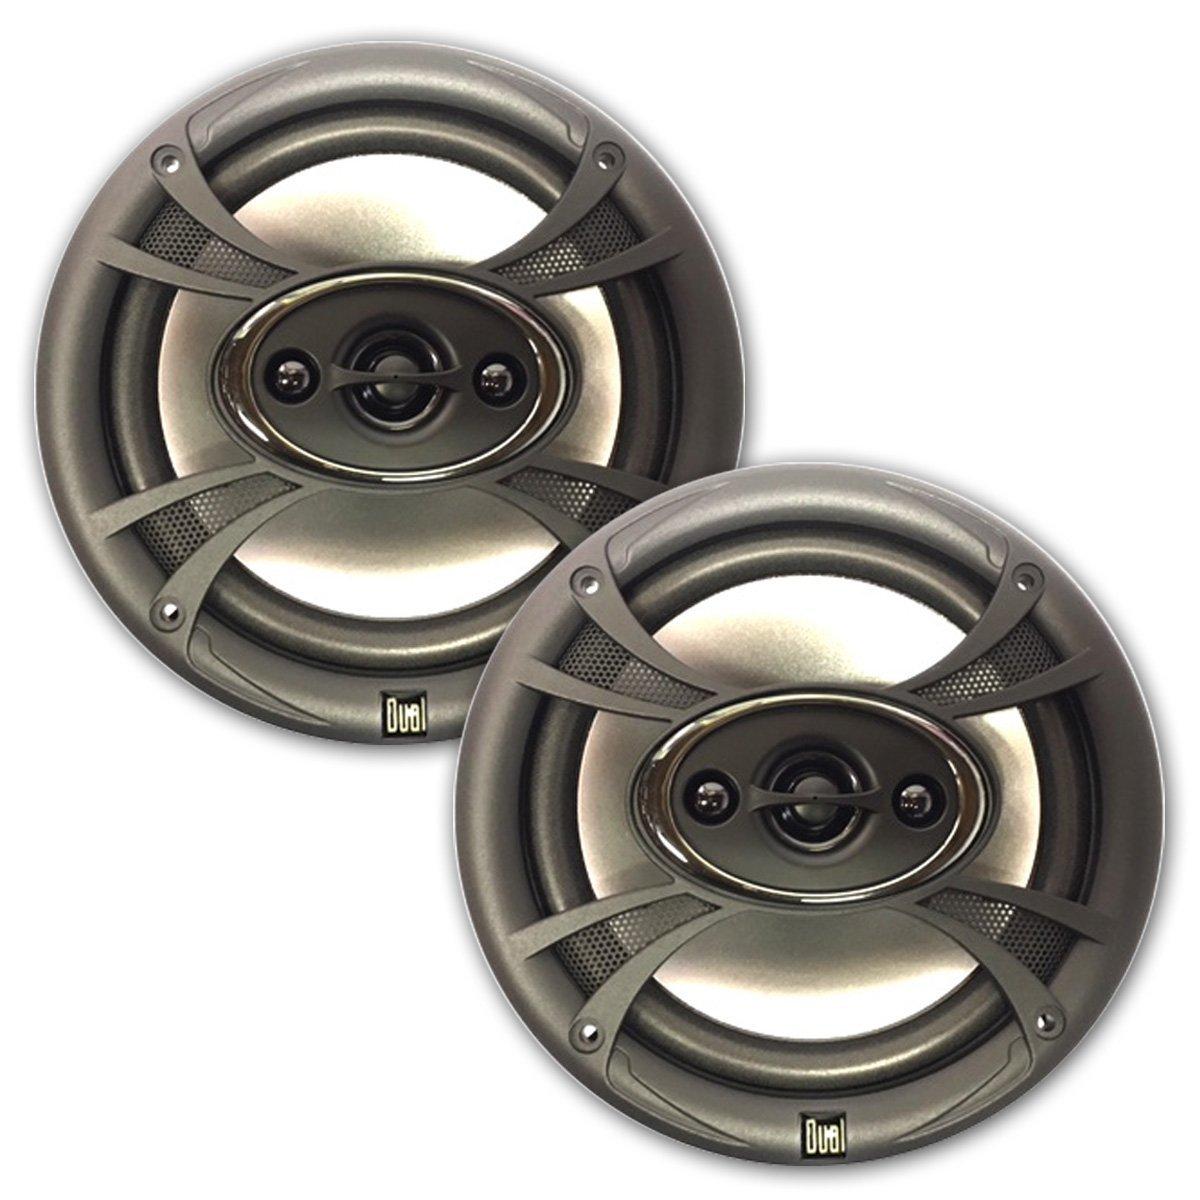 Dual Illuminite 5.25'' TS55 3-Way Speakers 135 Watts Peak Power Handling (Refurbished)